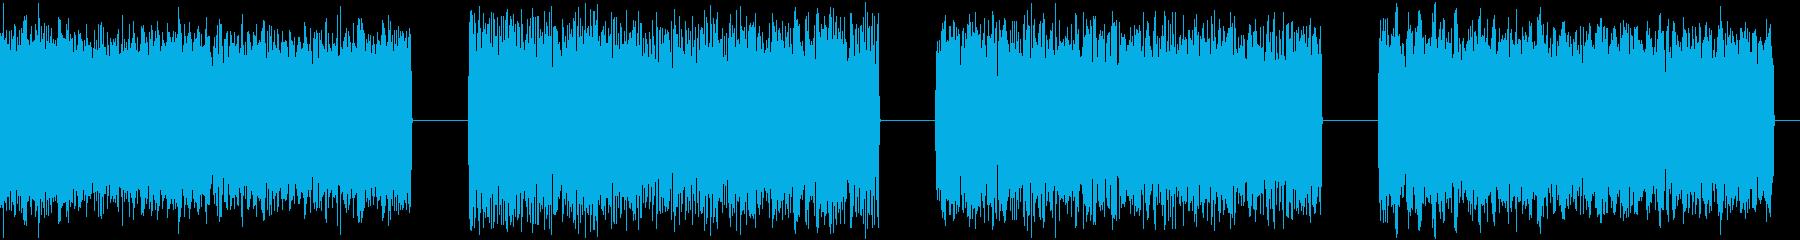 ノイズ、ロング、4バージョン、干渉...の再生済みの波形